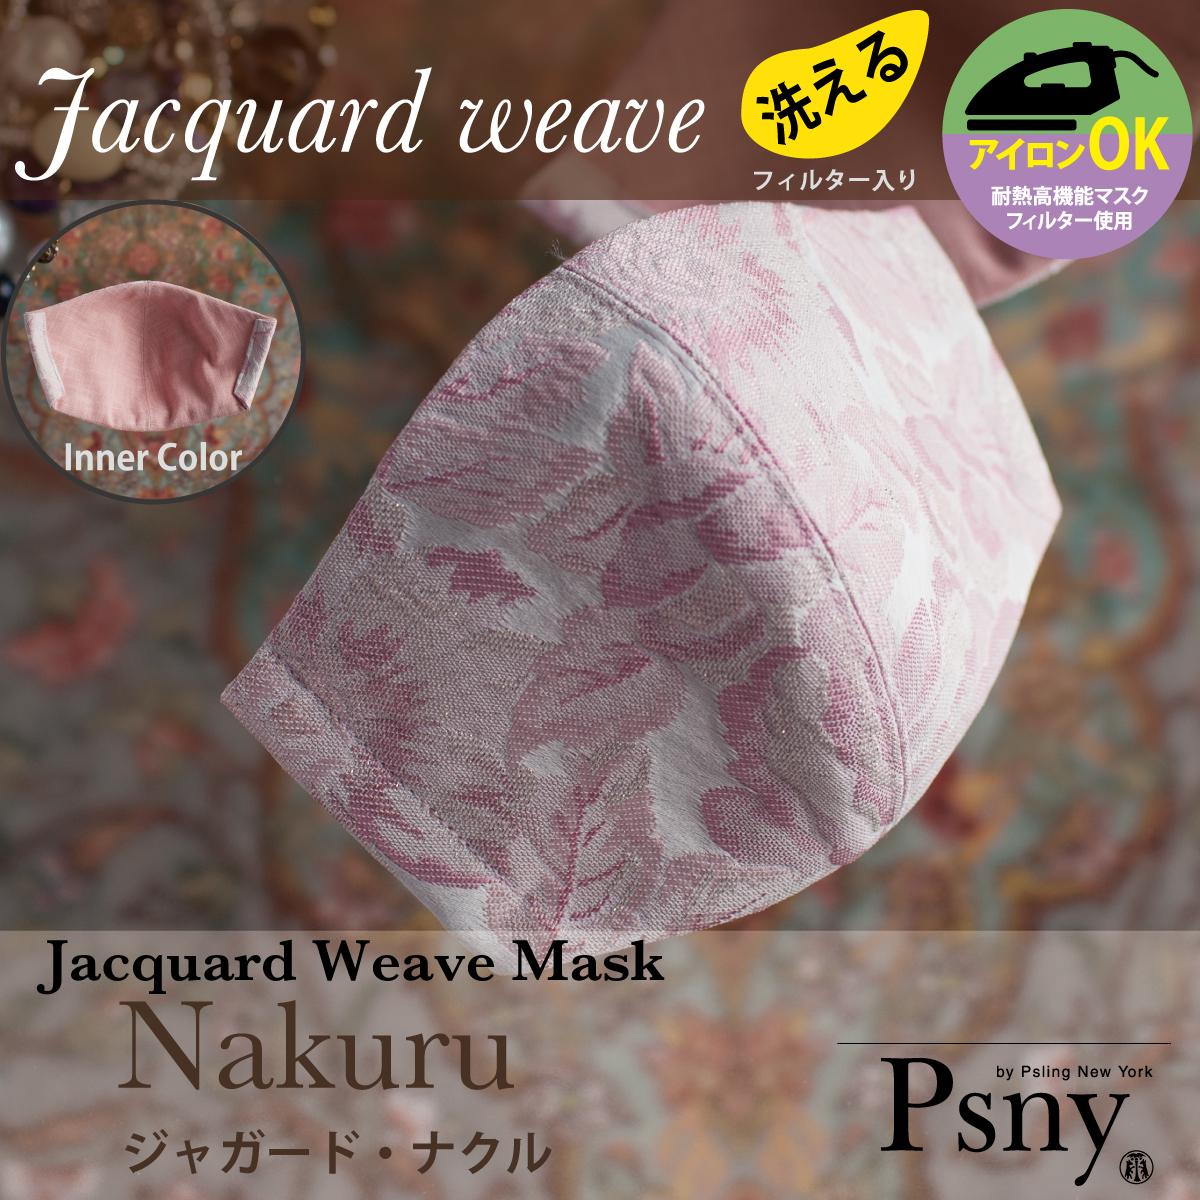 PSNY ジャガード・ナクル 花粉 黄砂 洗えるフィルター入り 立体 マスク 大人用 送料無料